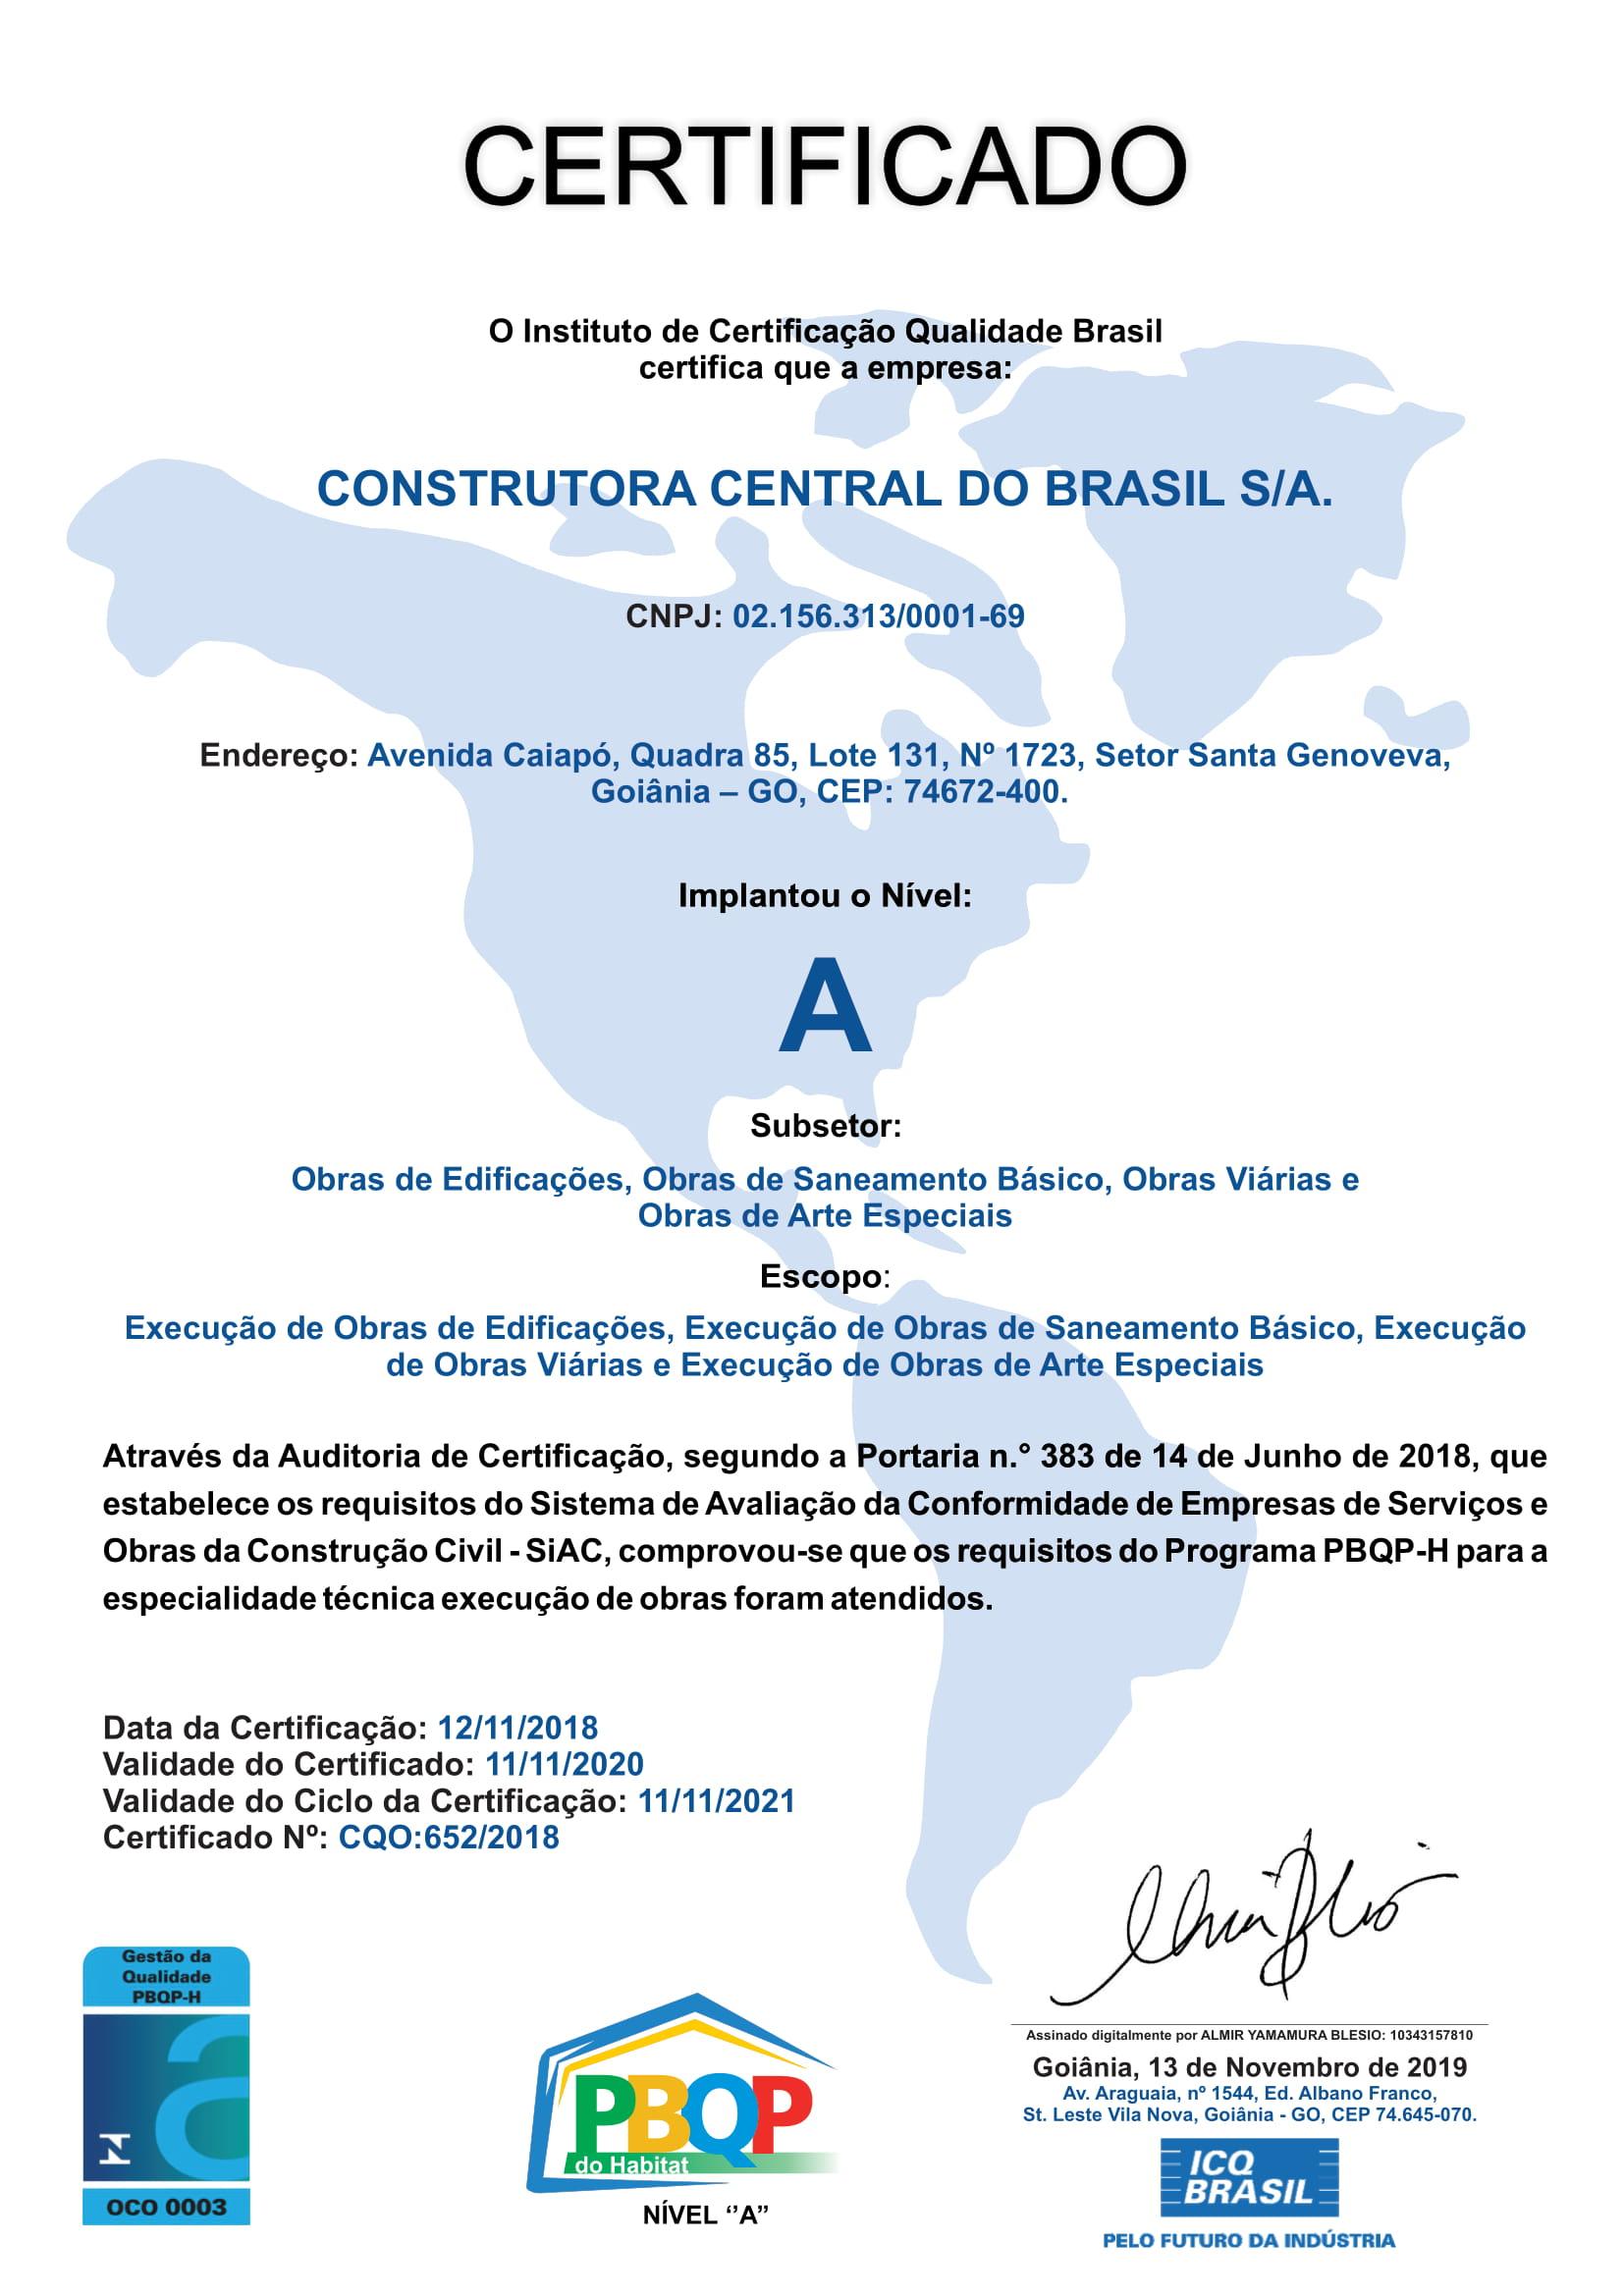 CERTIFICADO-DE-CONFORMIDADE-PBQP-H-SiAC-NIVEL-A-1